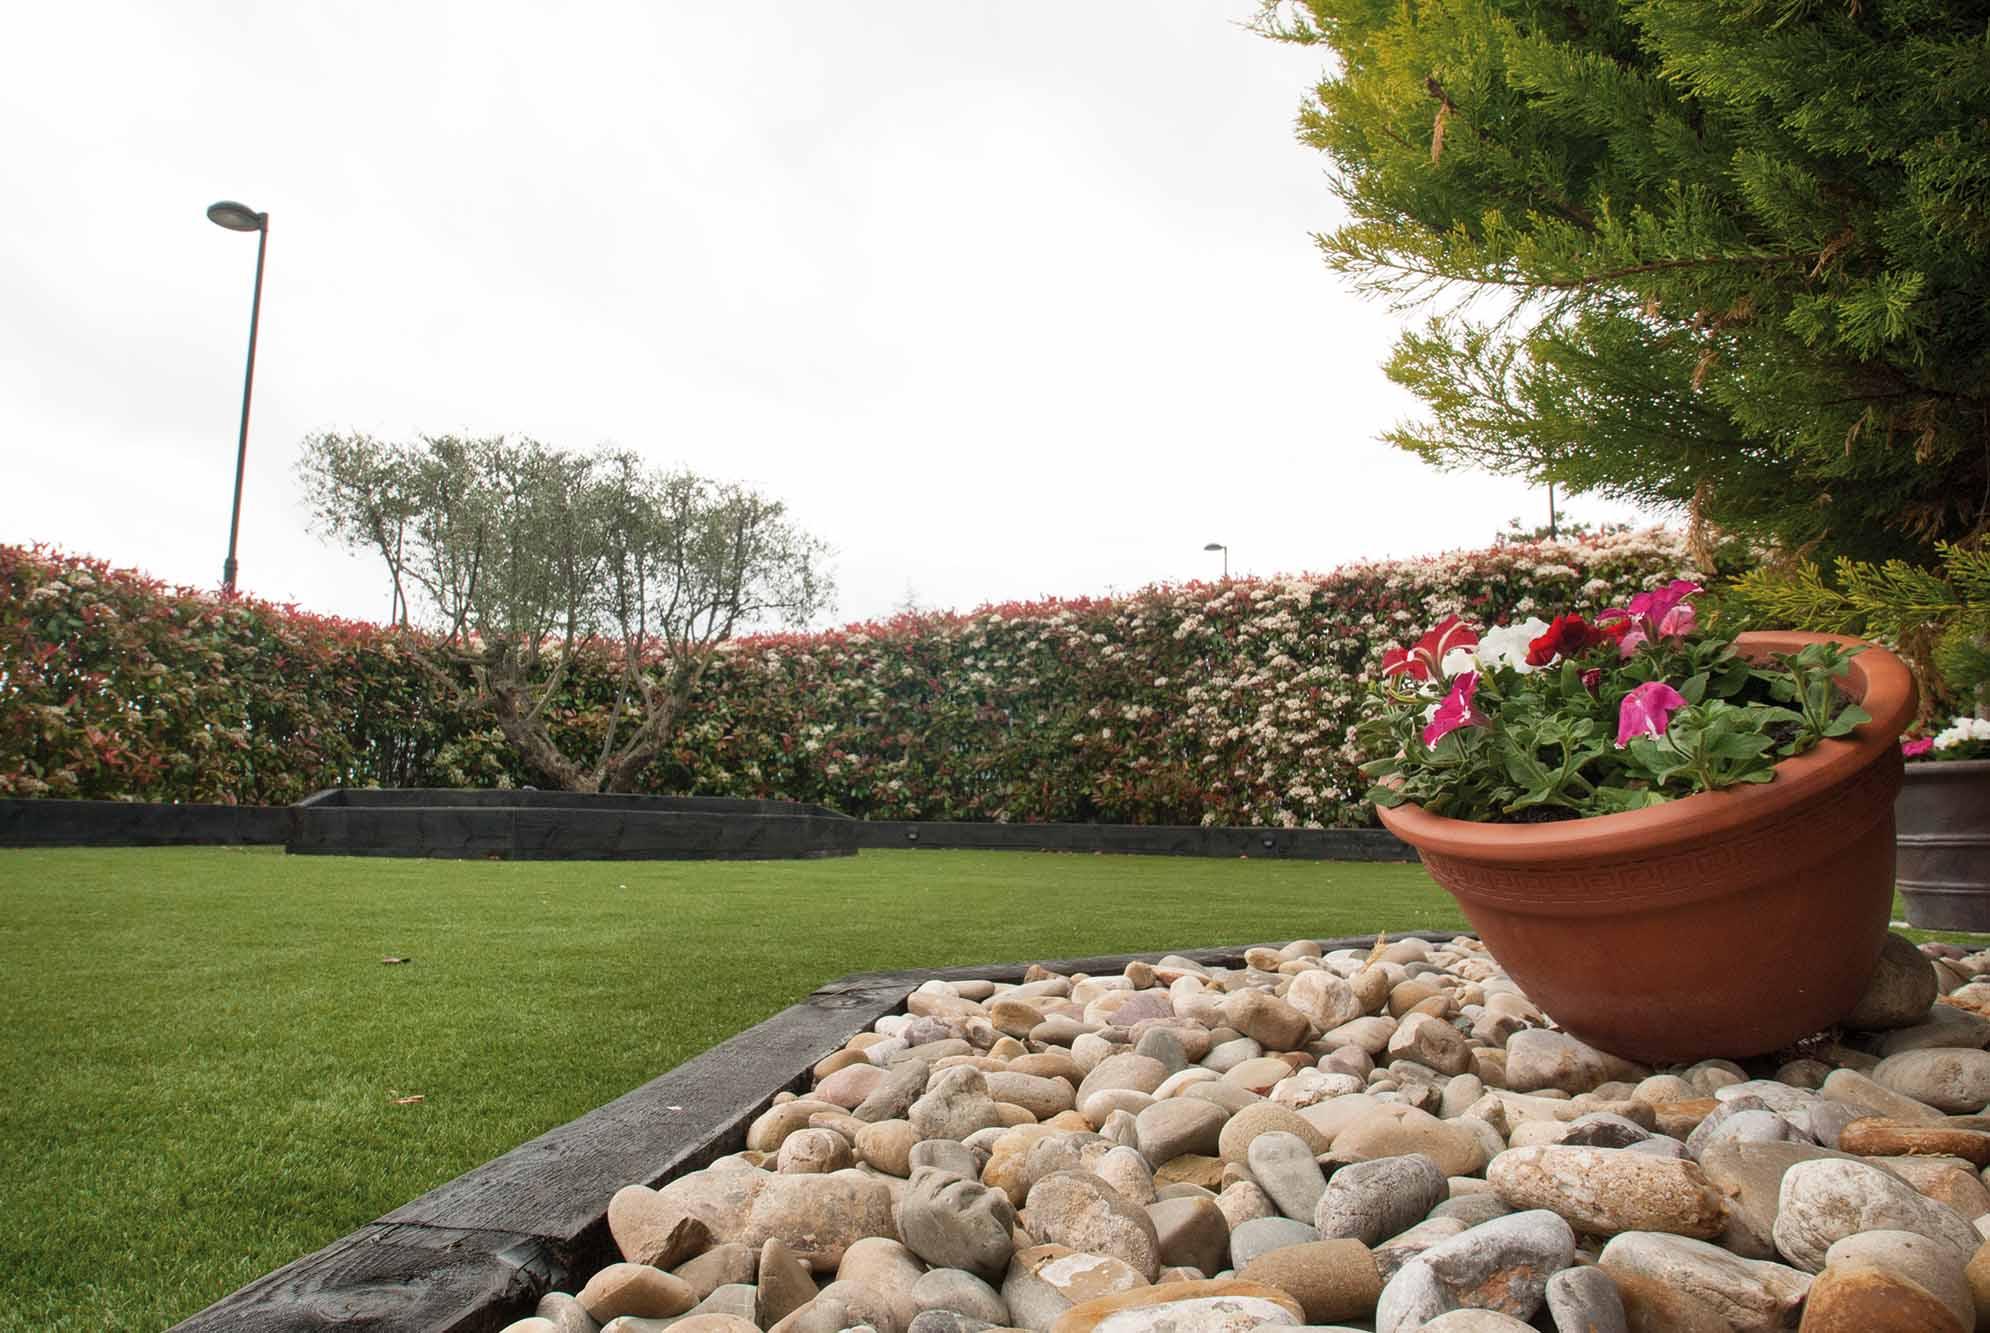 jardin-cesped-artificial-traviesas-aridos5